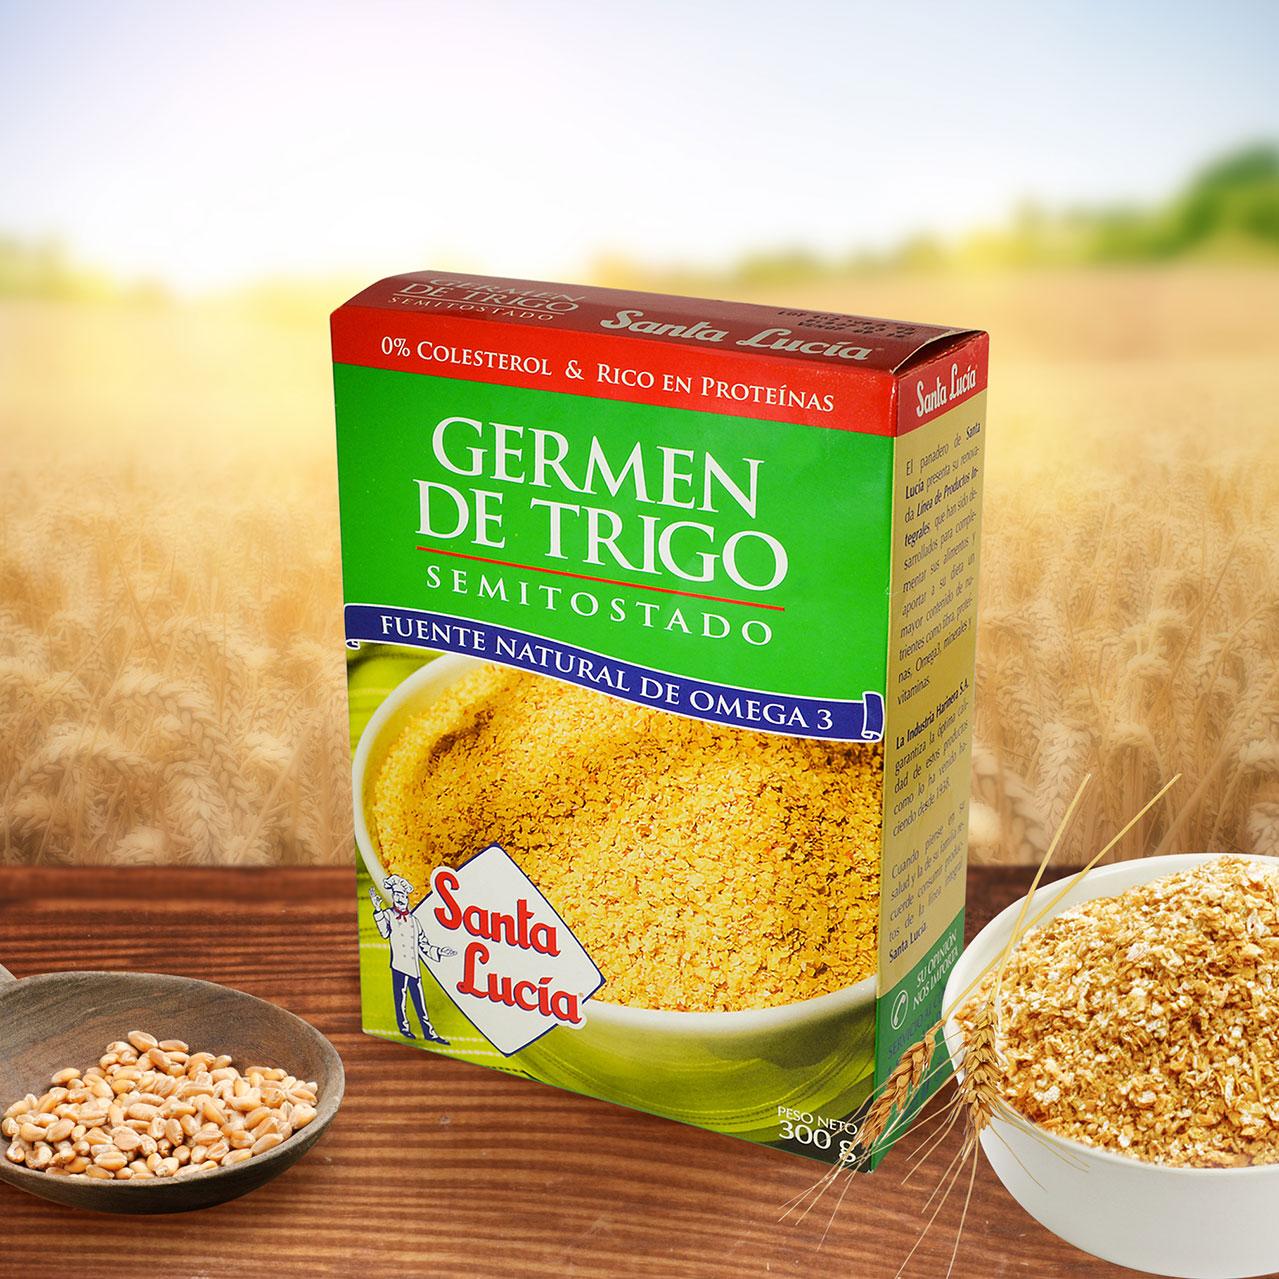 Germen de trigo semitostado - Harina integral de trigo ...